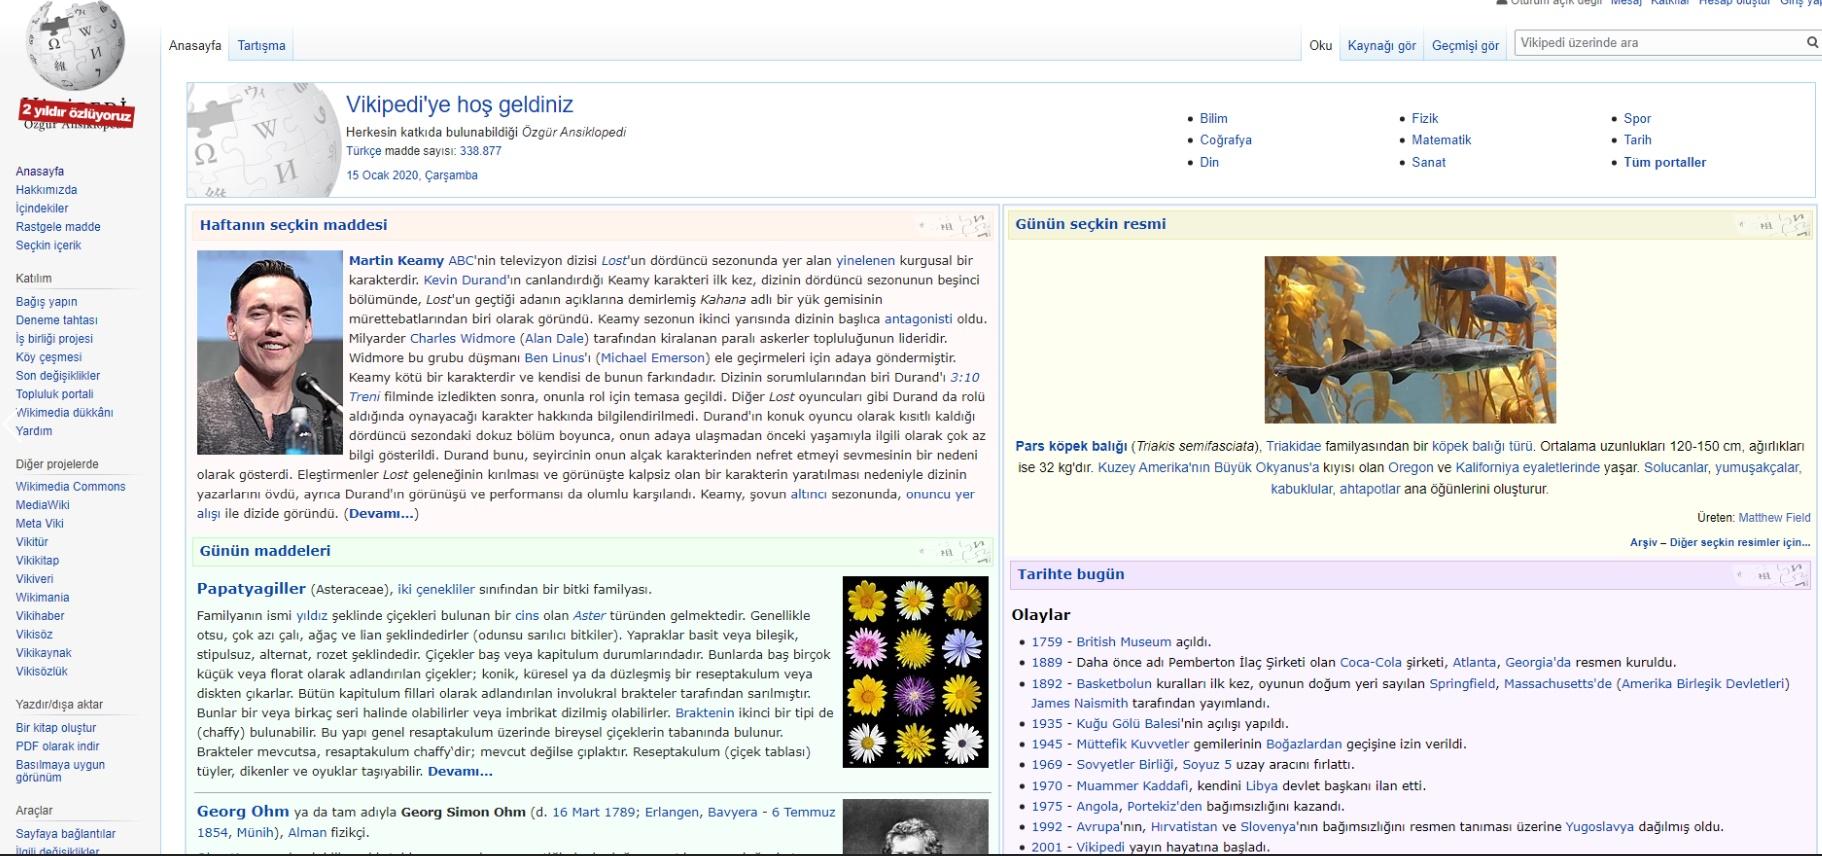 wikipedia açıldı